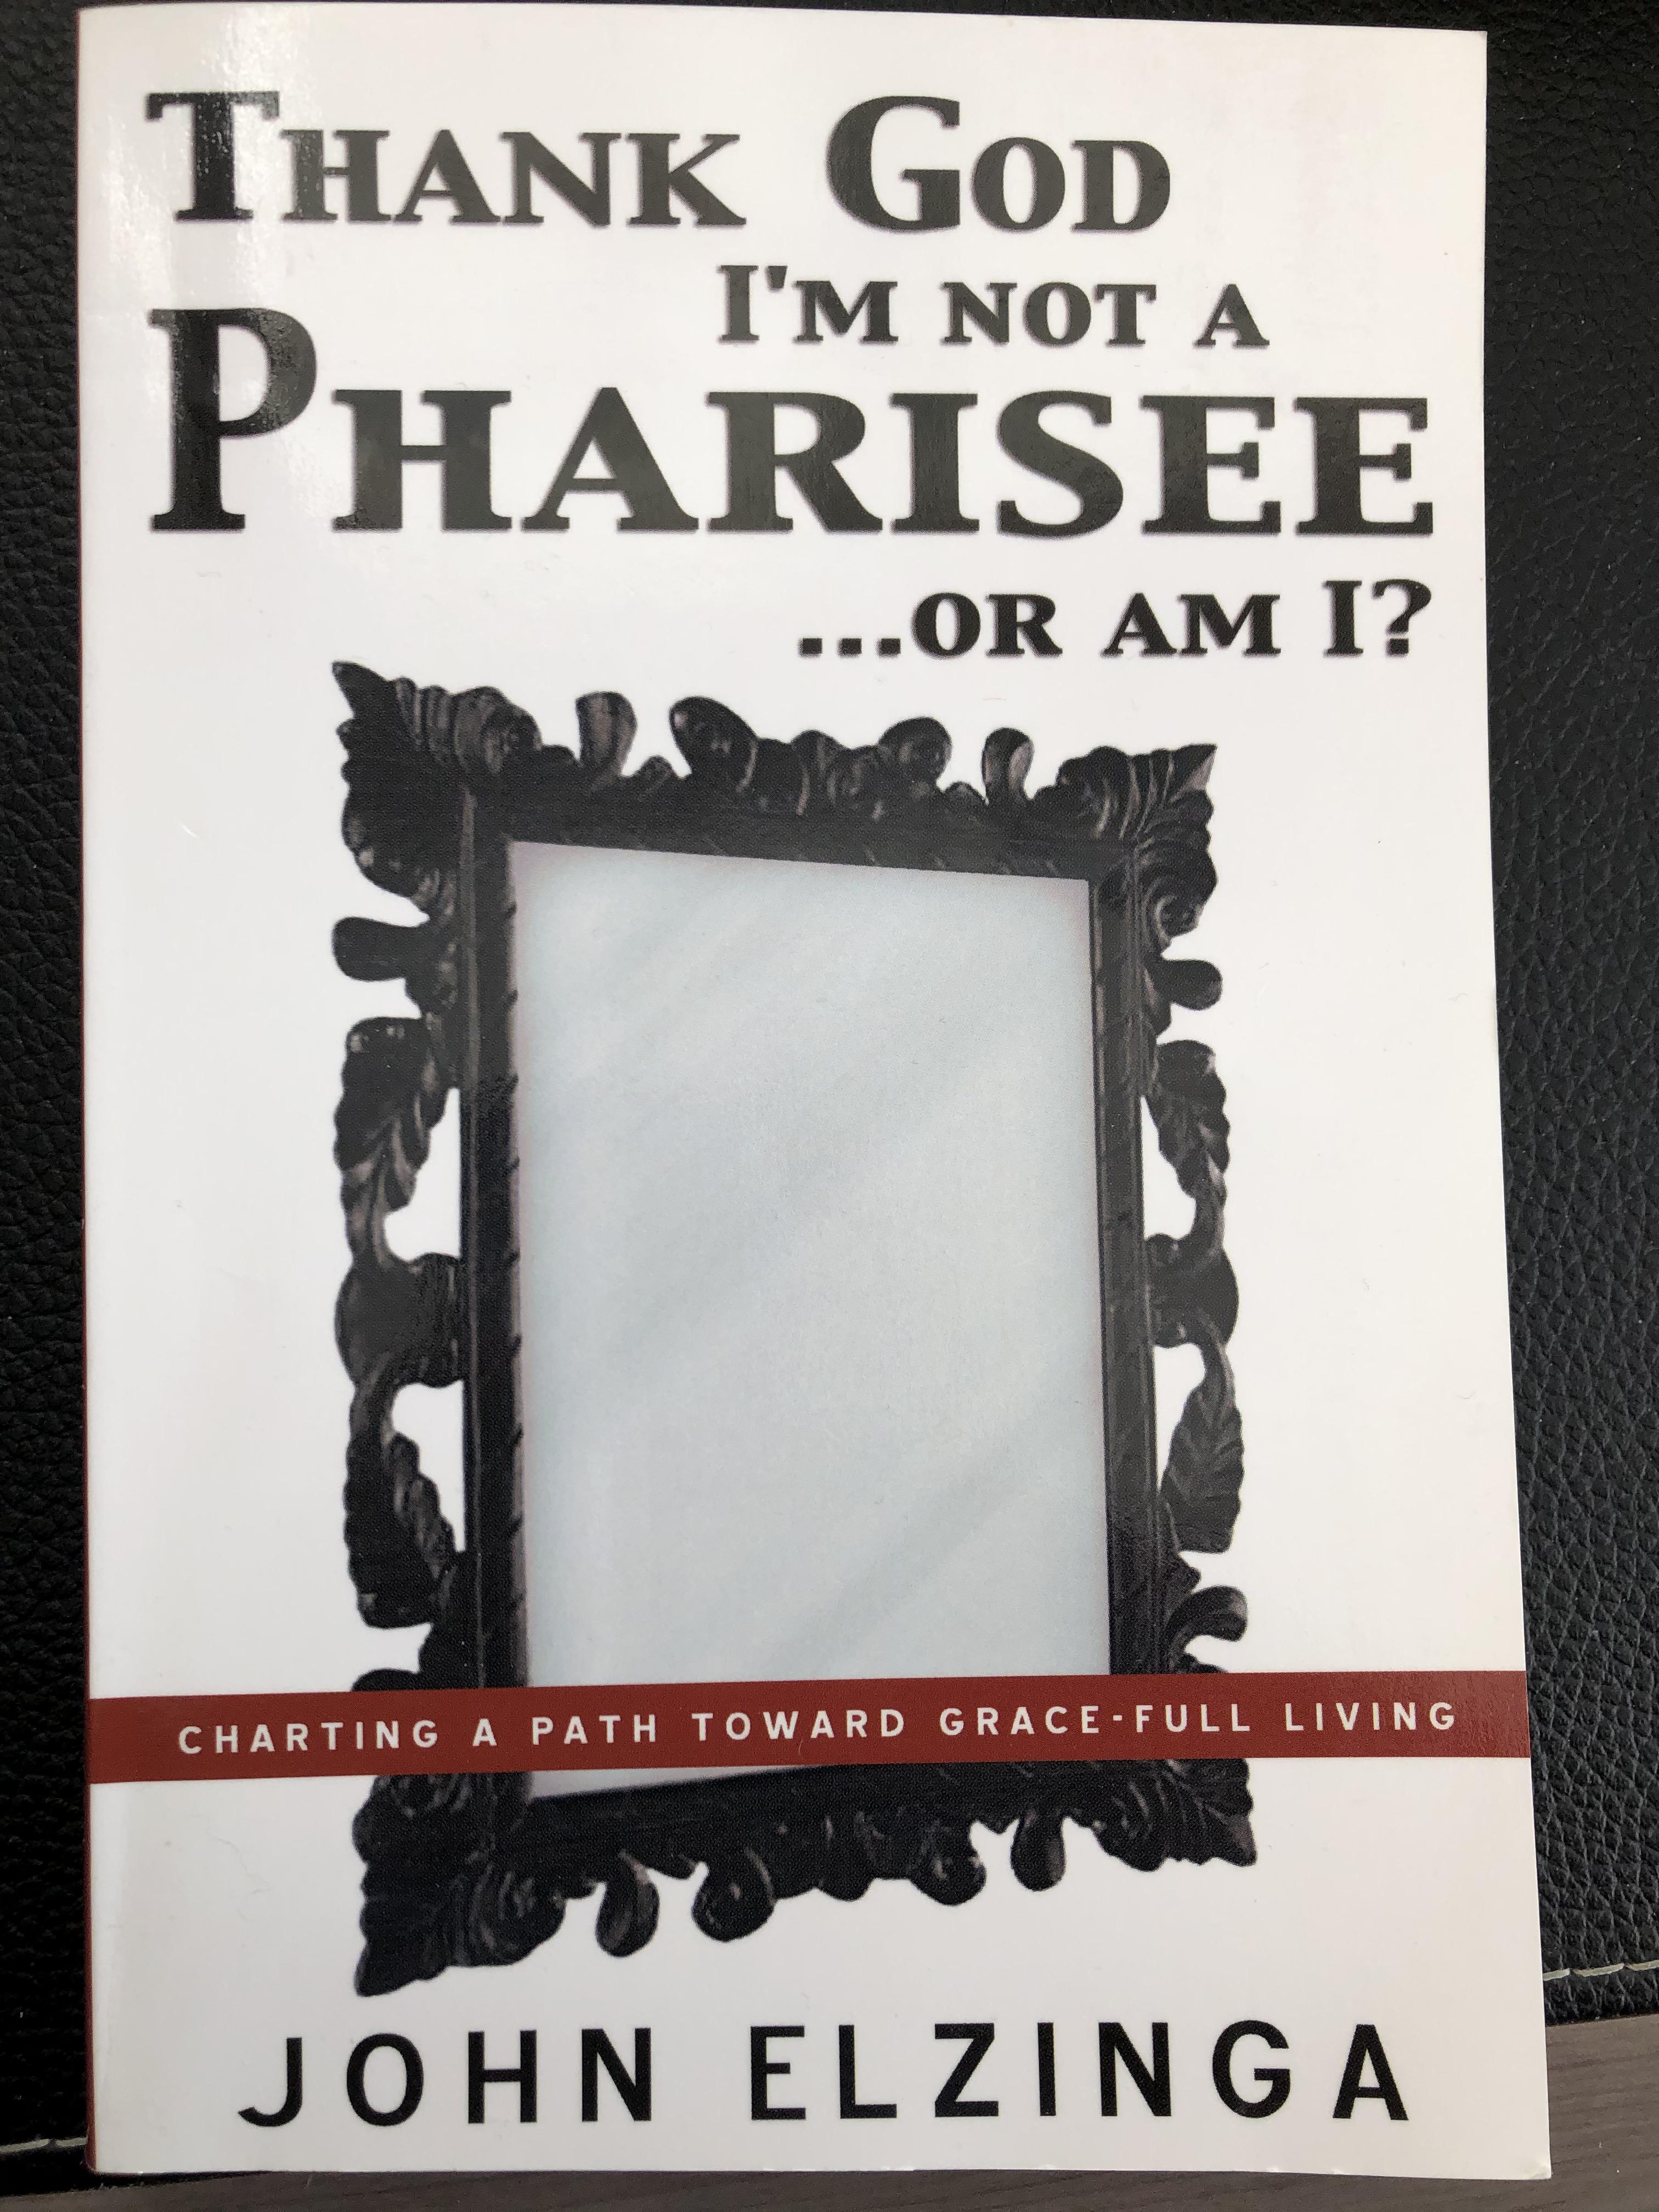 Thank God I'm Not a Pharisee